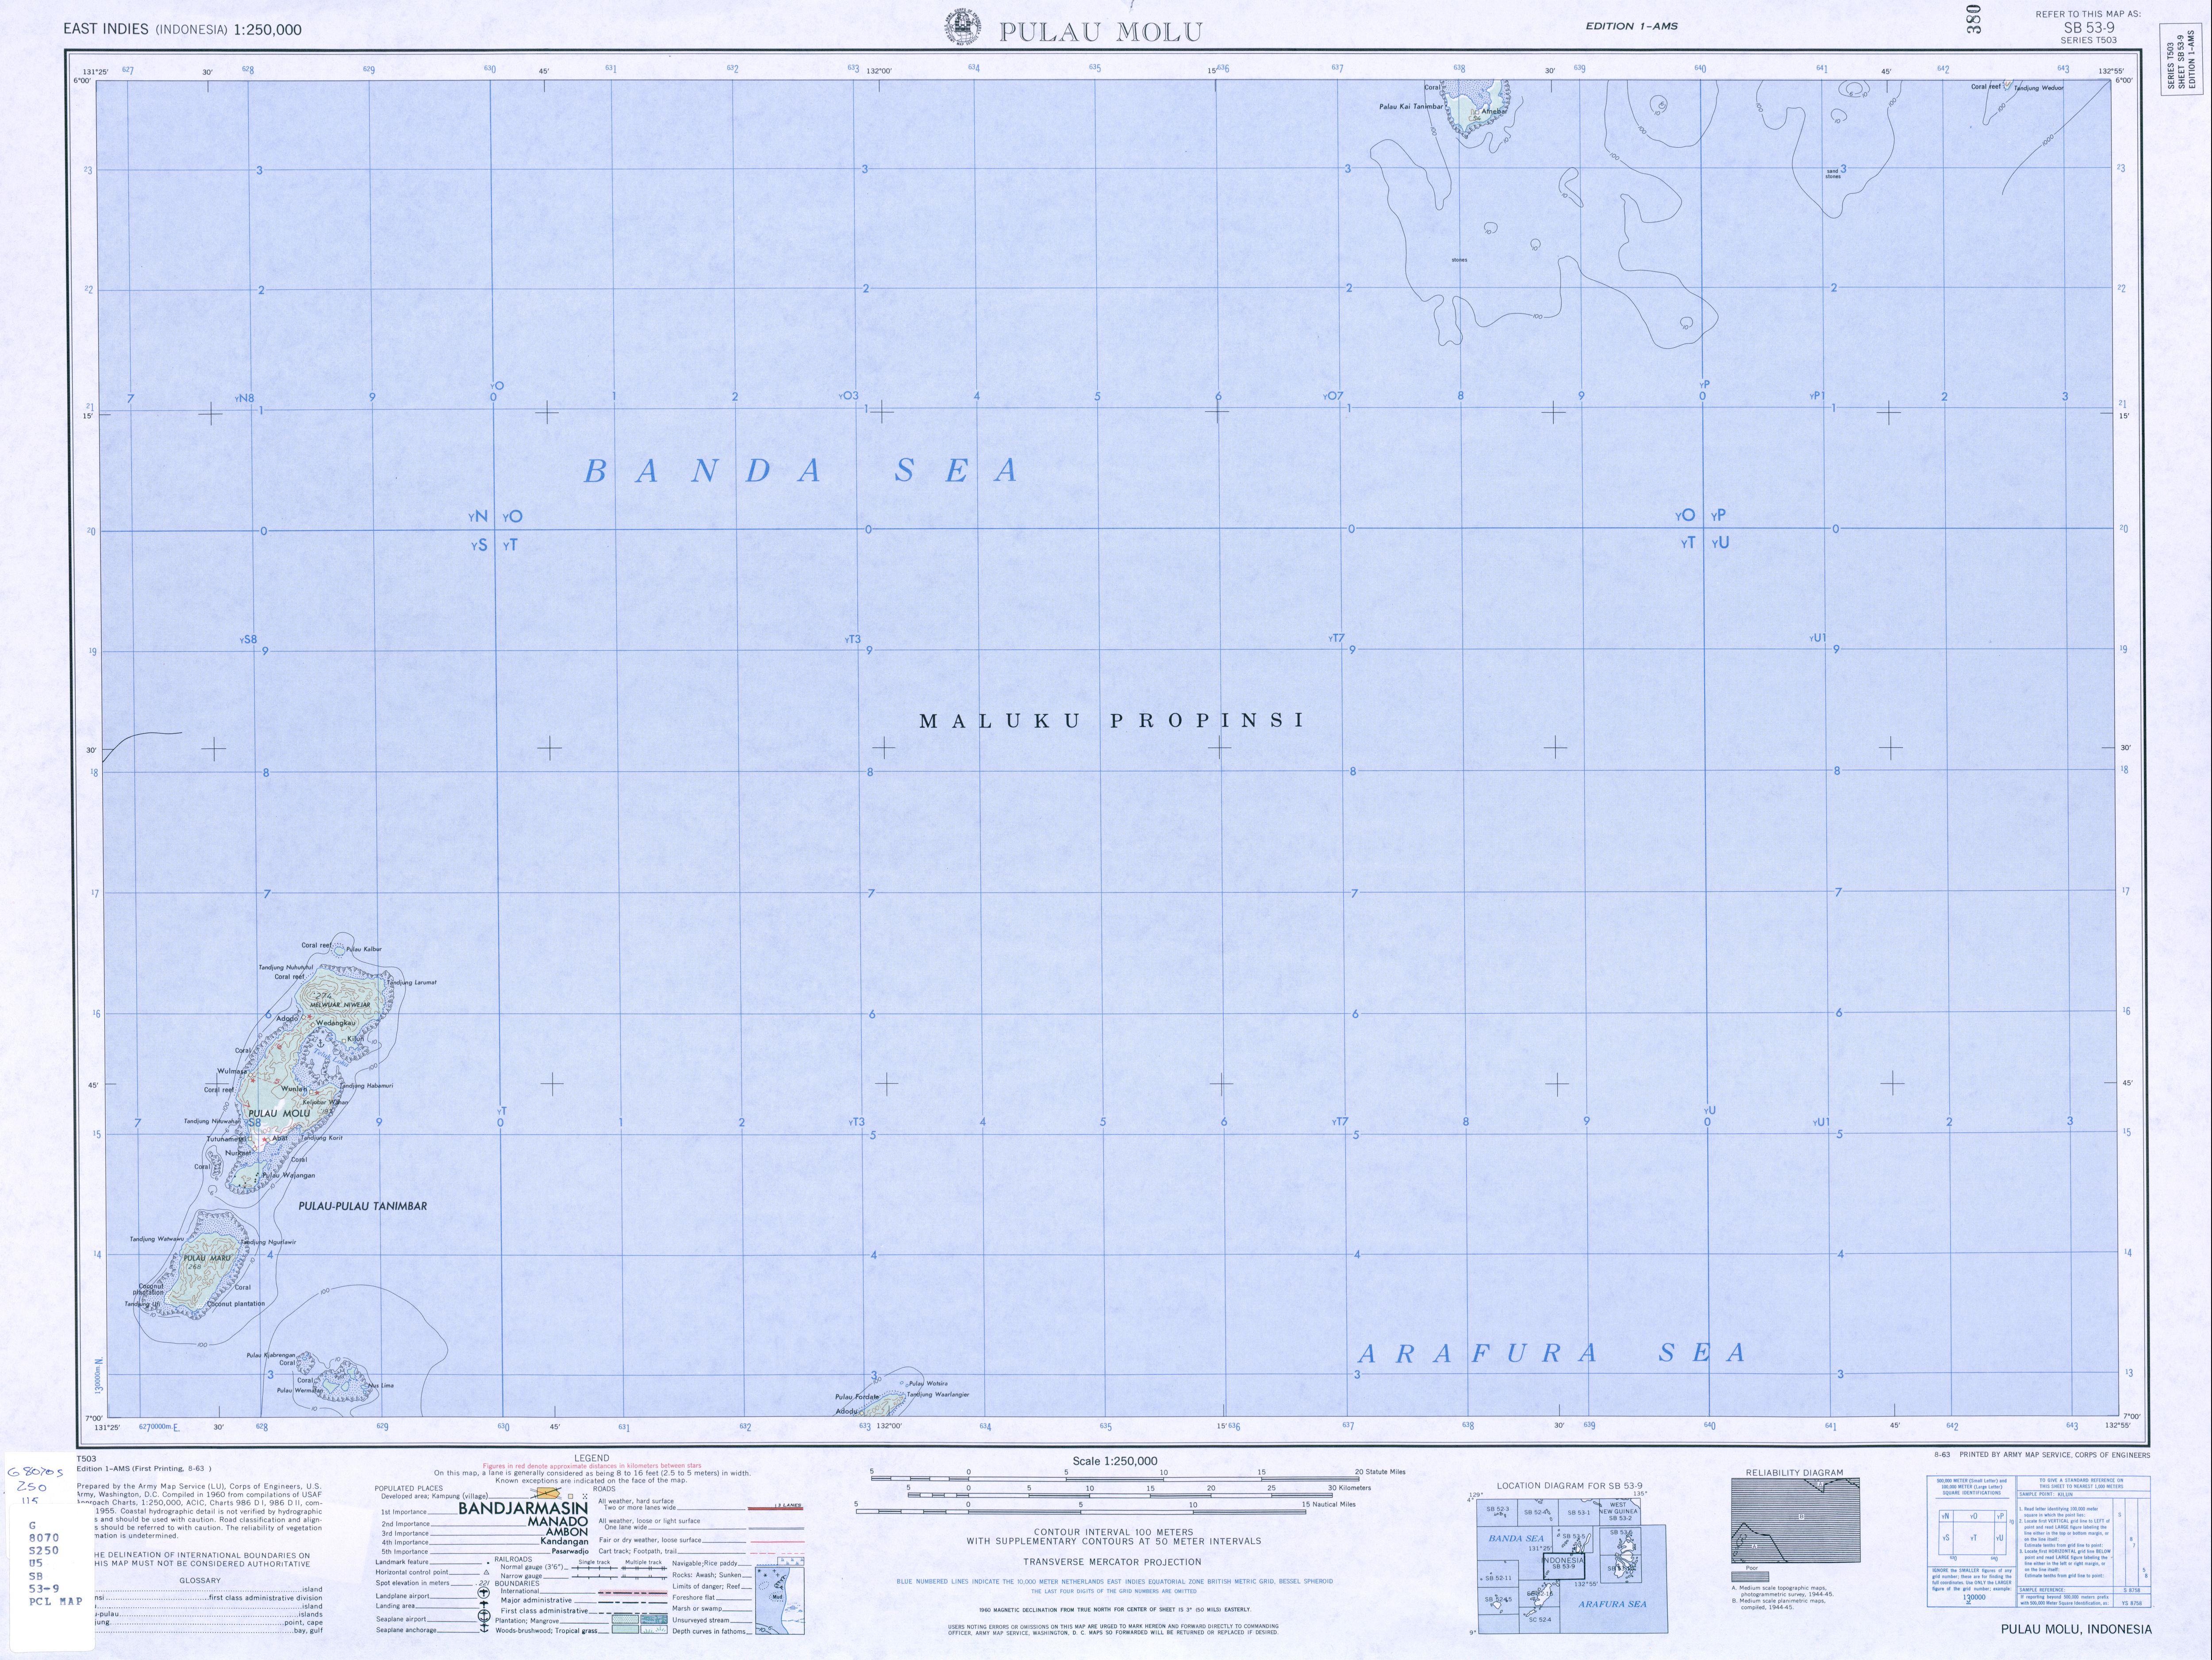 Pulau Molu